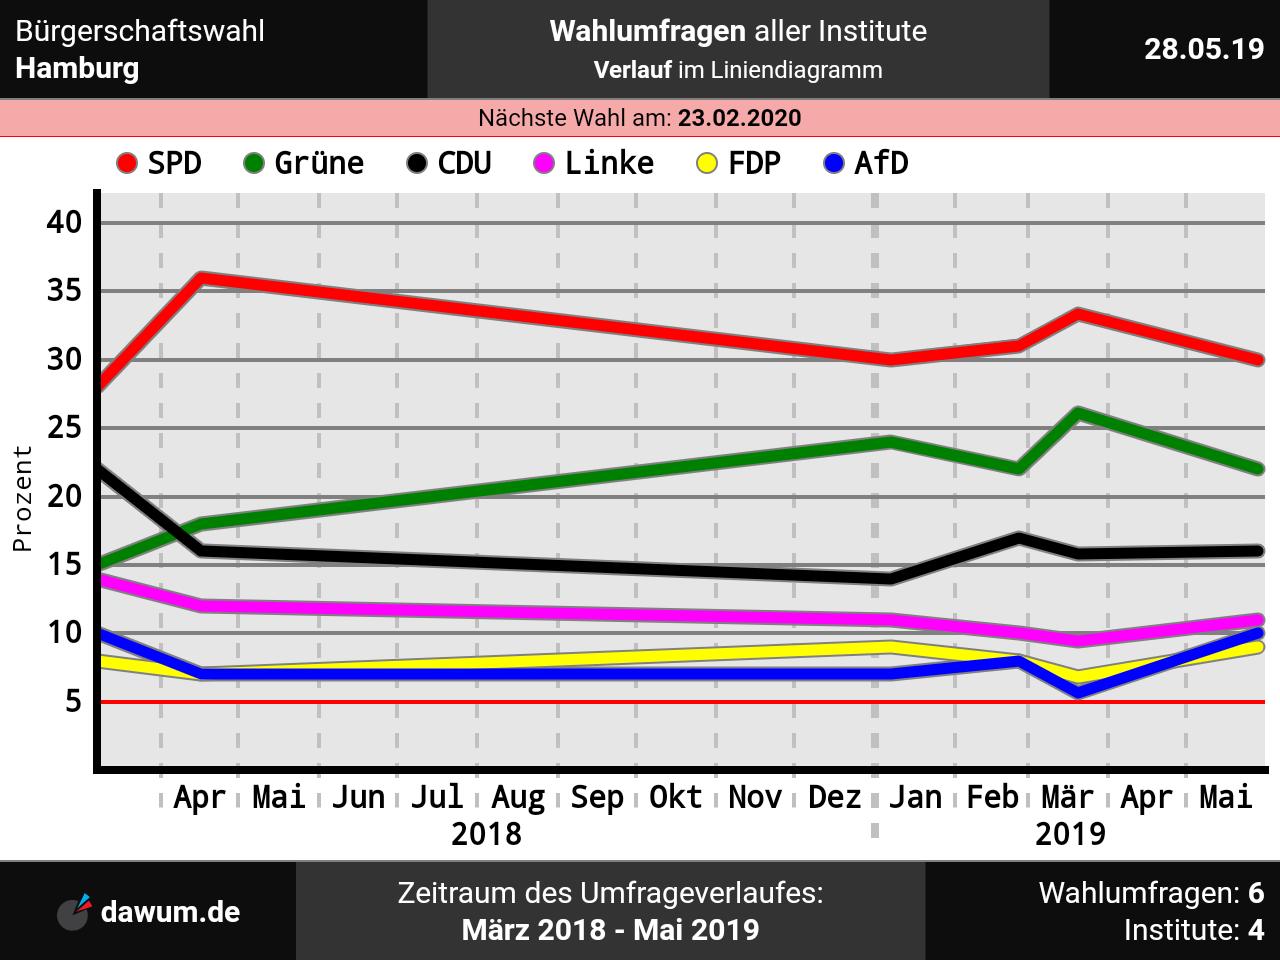 Bürgerschaftswahl Hamburg: Neueste Wahlumfrage